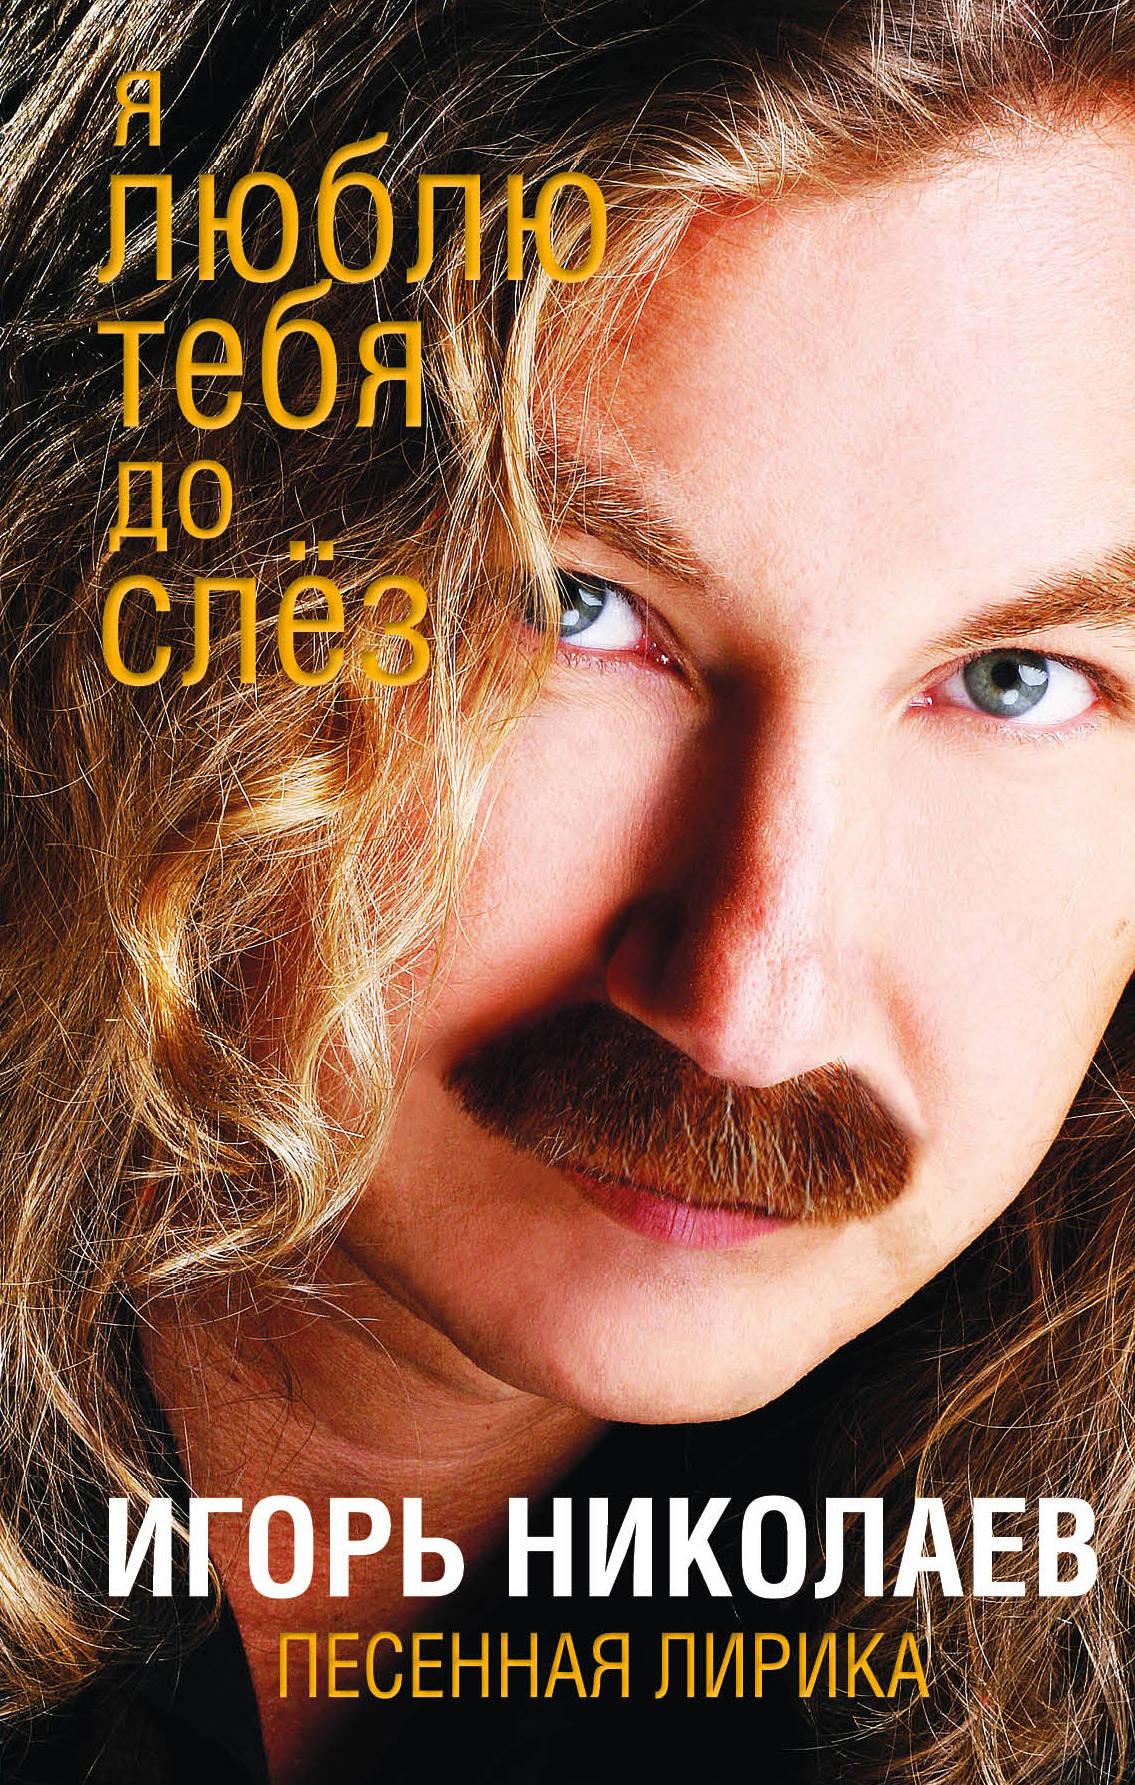 Игорь Николаев Я люблю тебя до слез наташа денисова я люблю тебя мой президент поэзия и проза неононконформизма